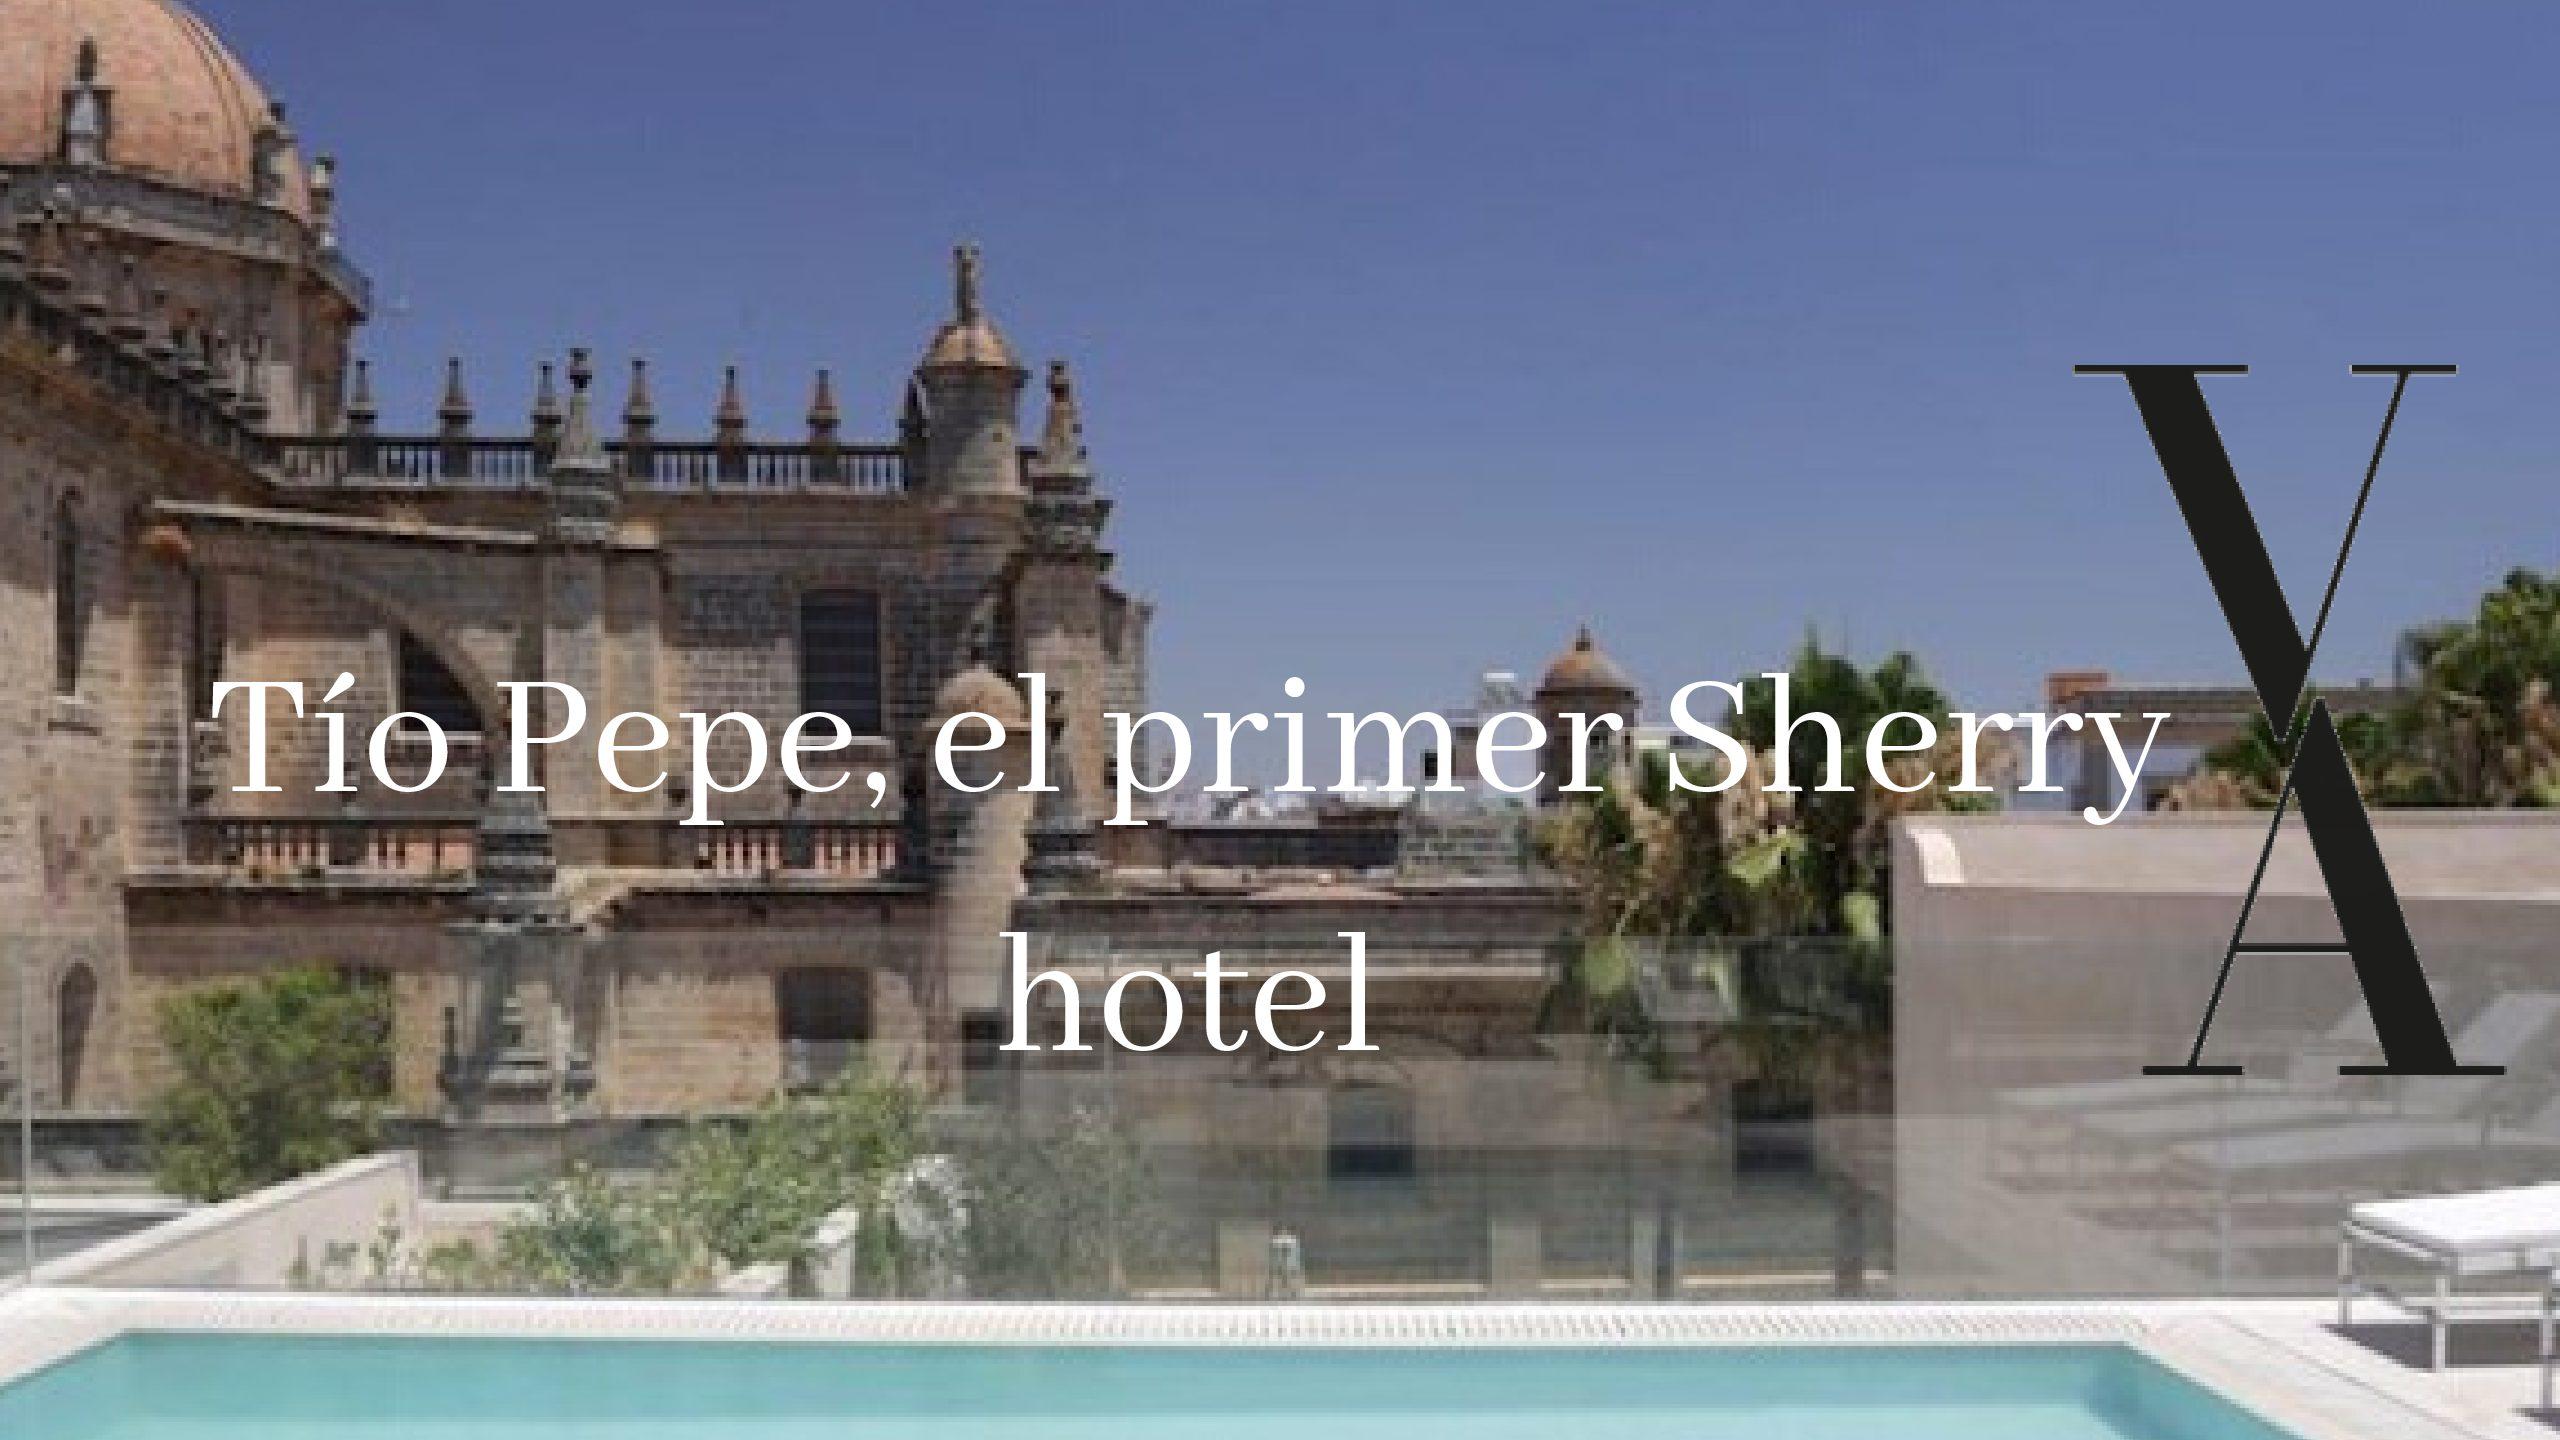 TÍO PEPE EL PRIMER SHERRY HOTEL DEL MUNDO